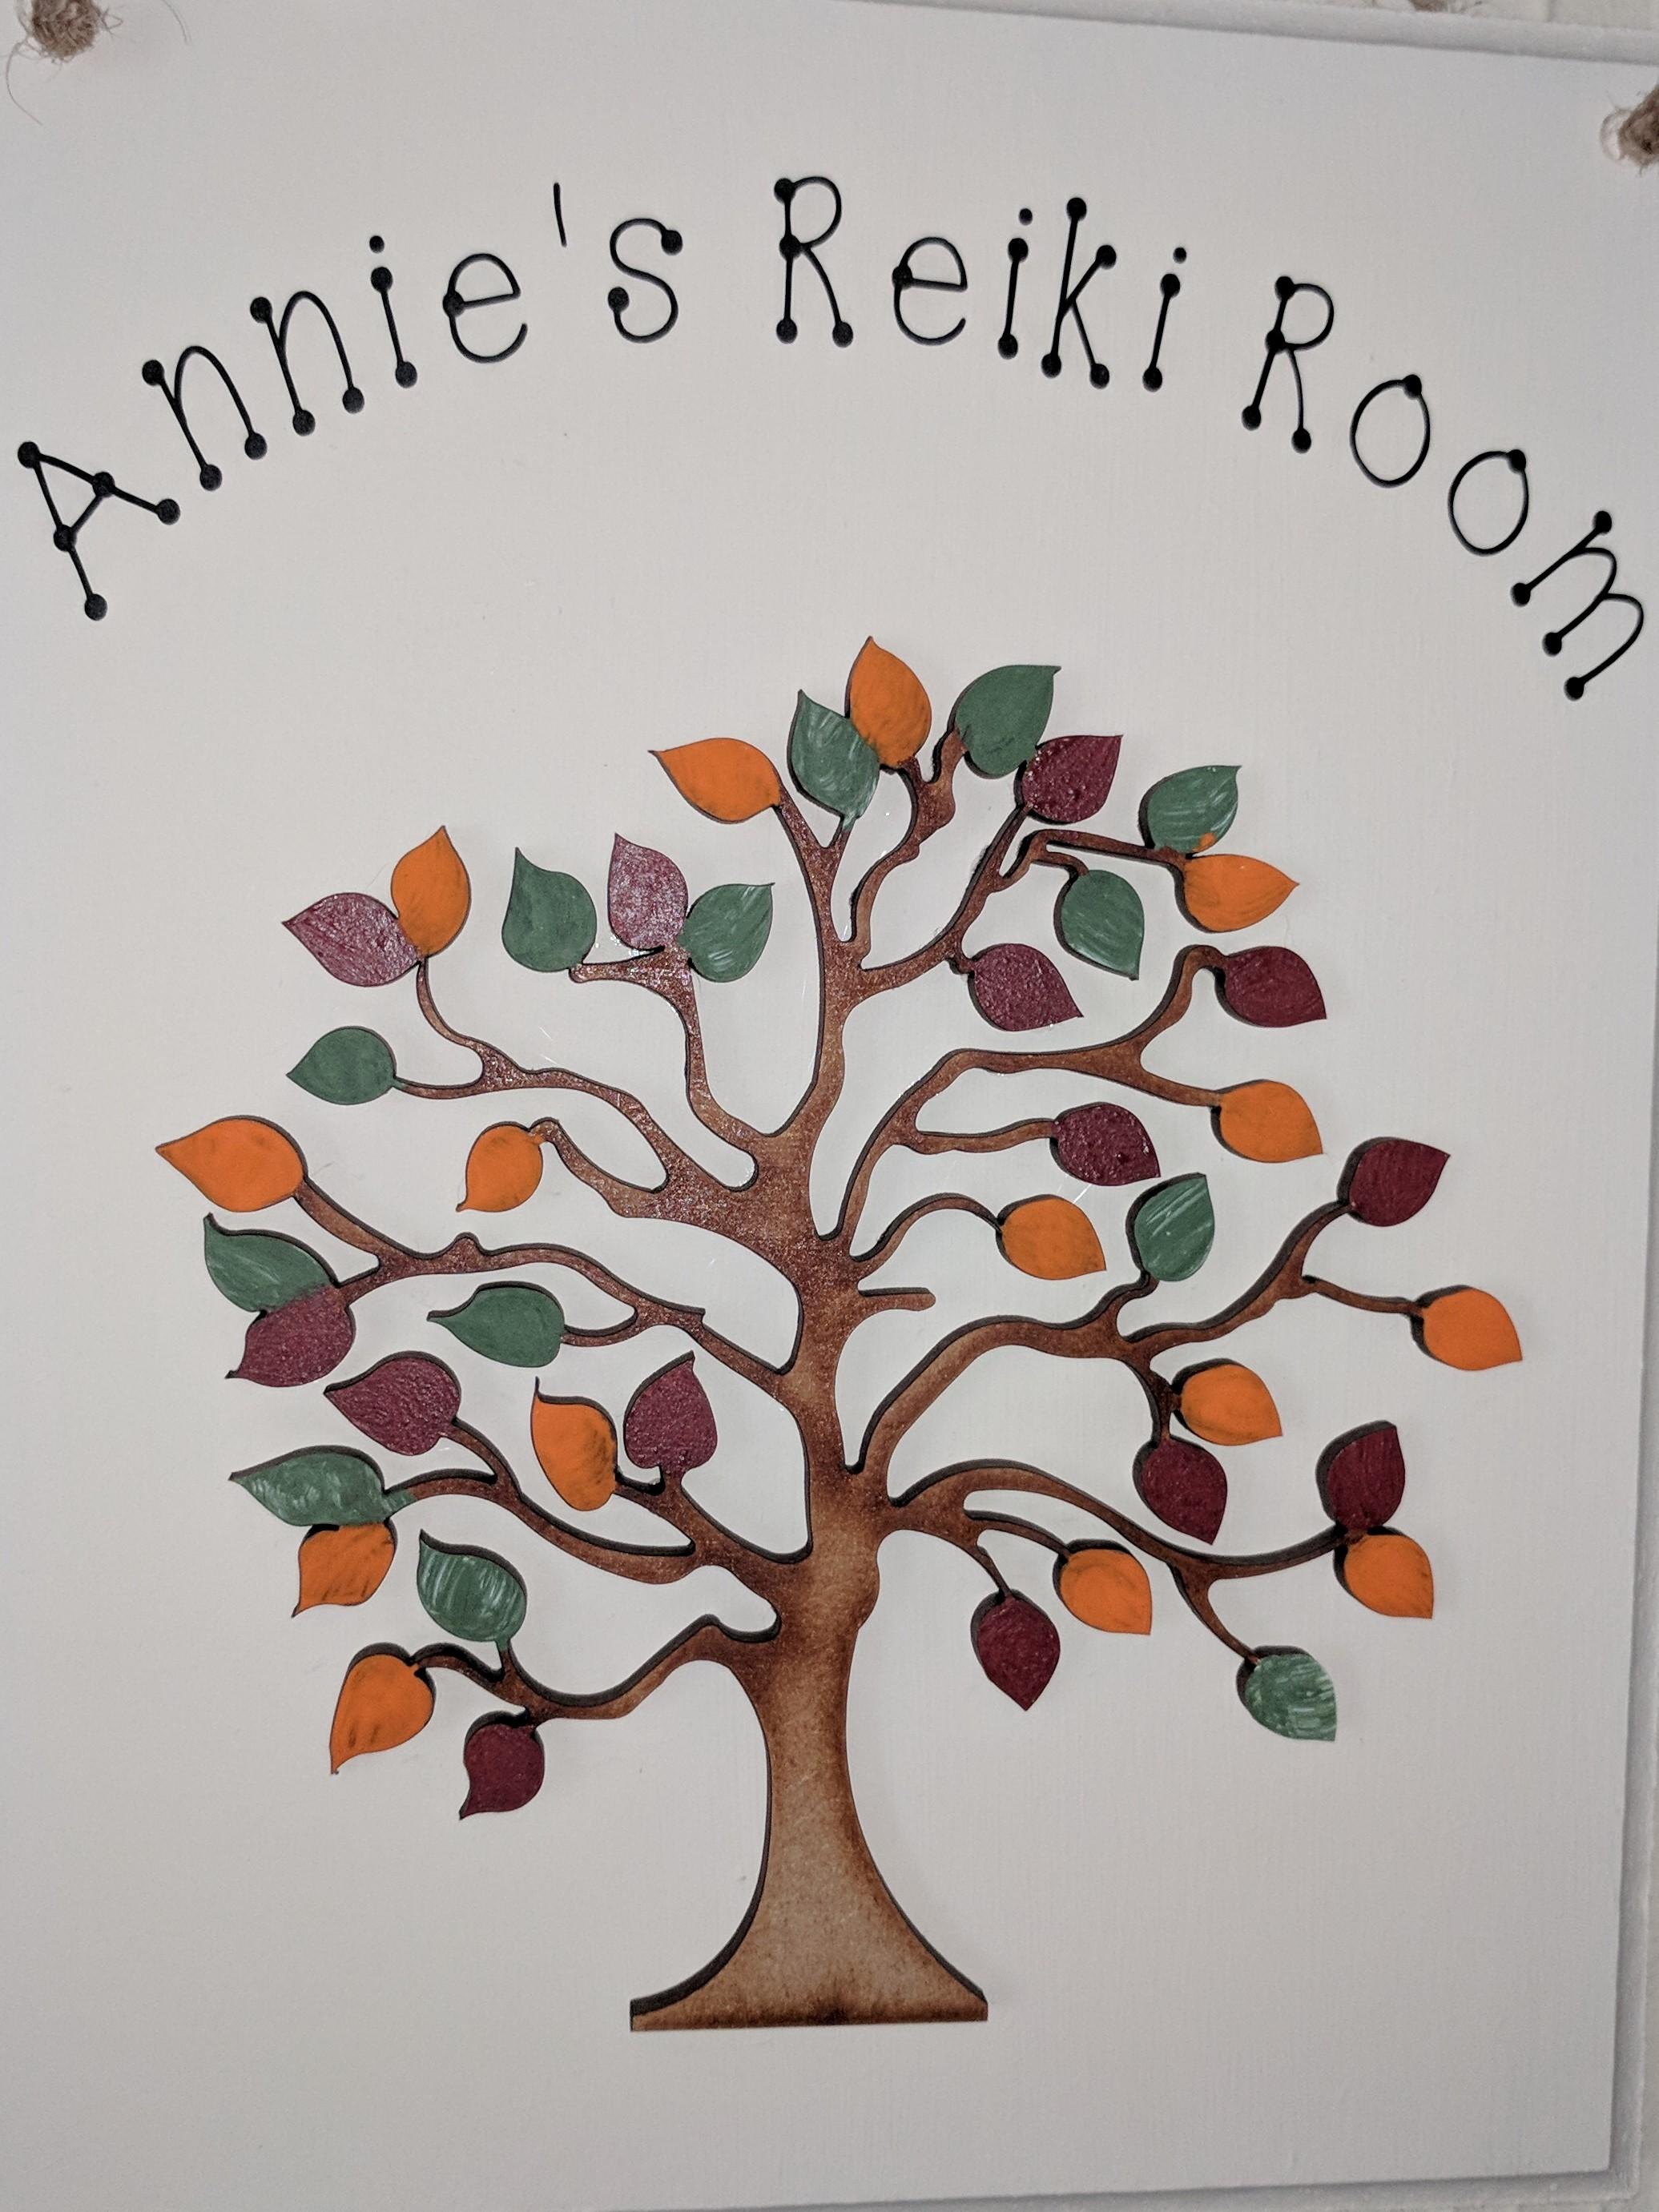 Annies Reiki Room